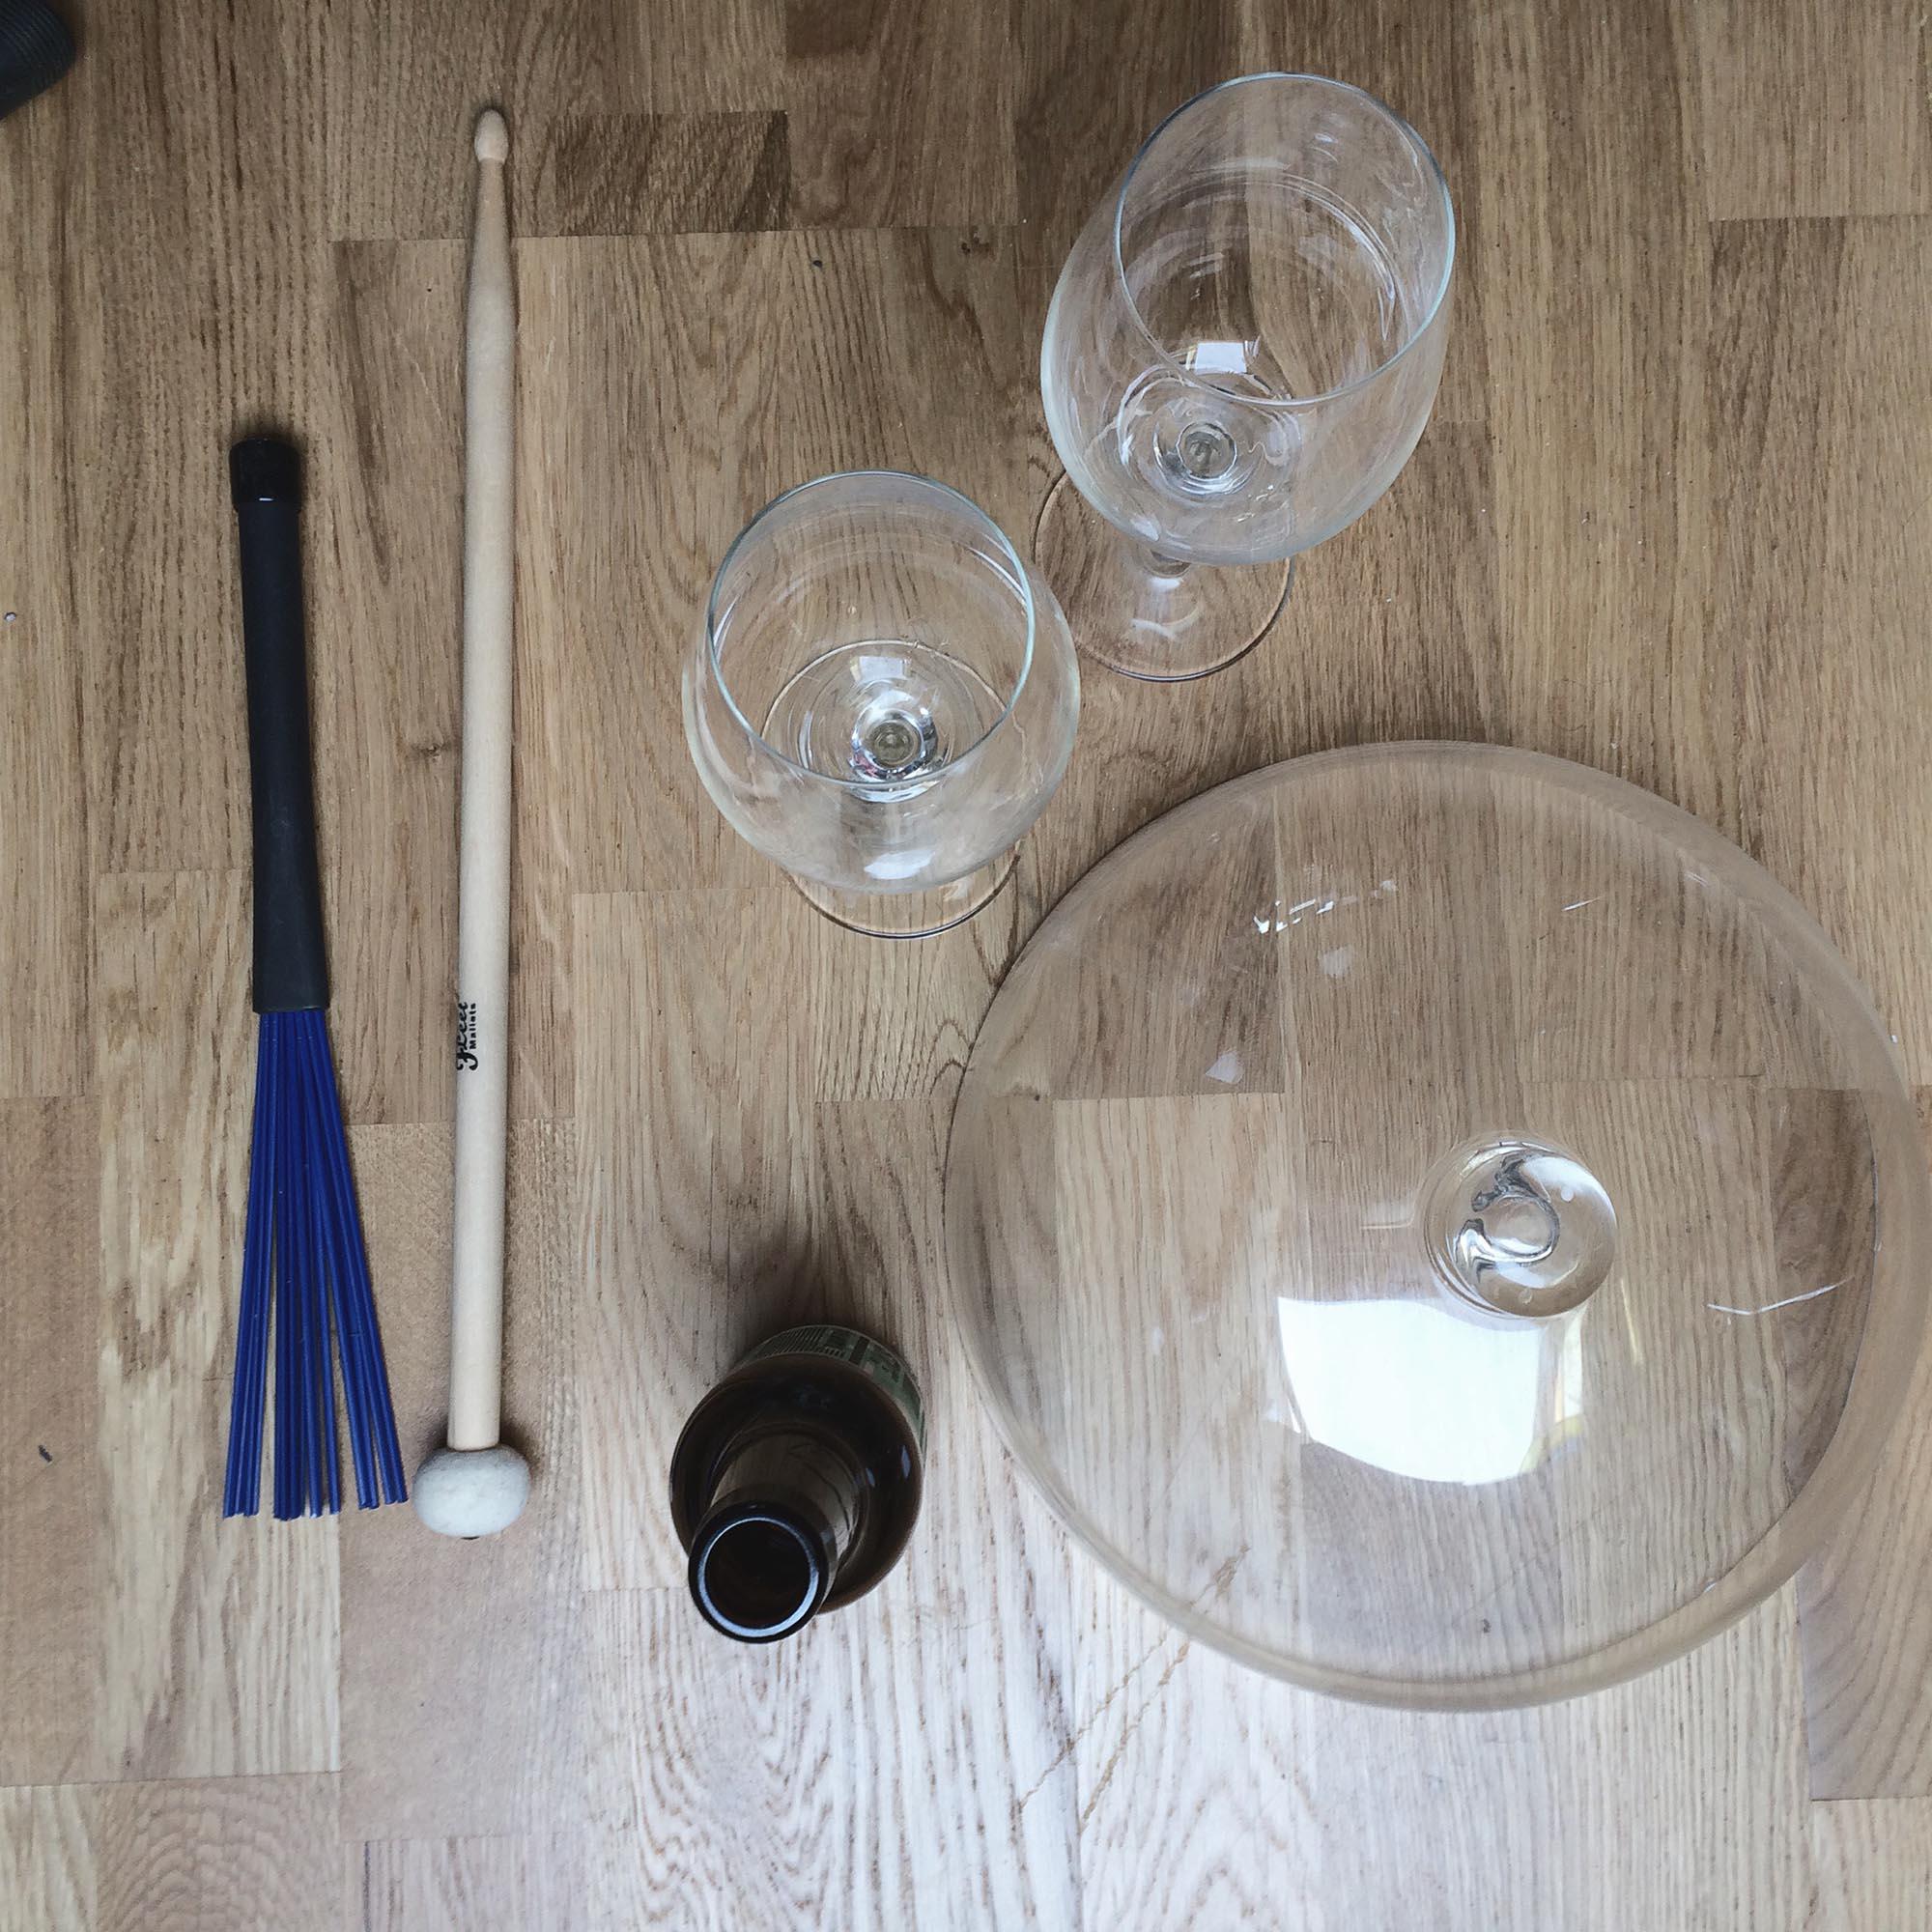 IITTALA-SIMON-GLASS